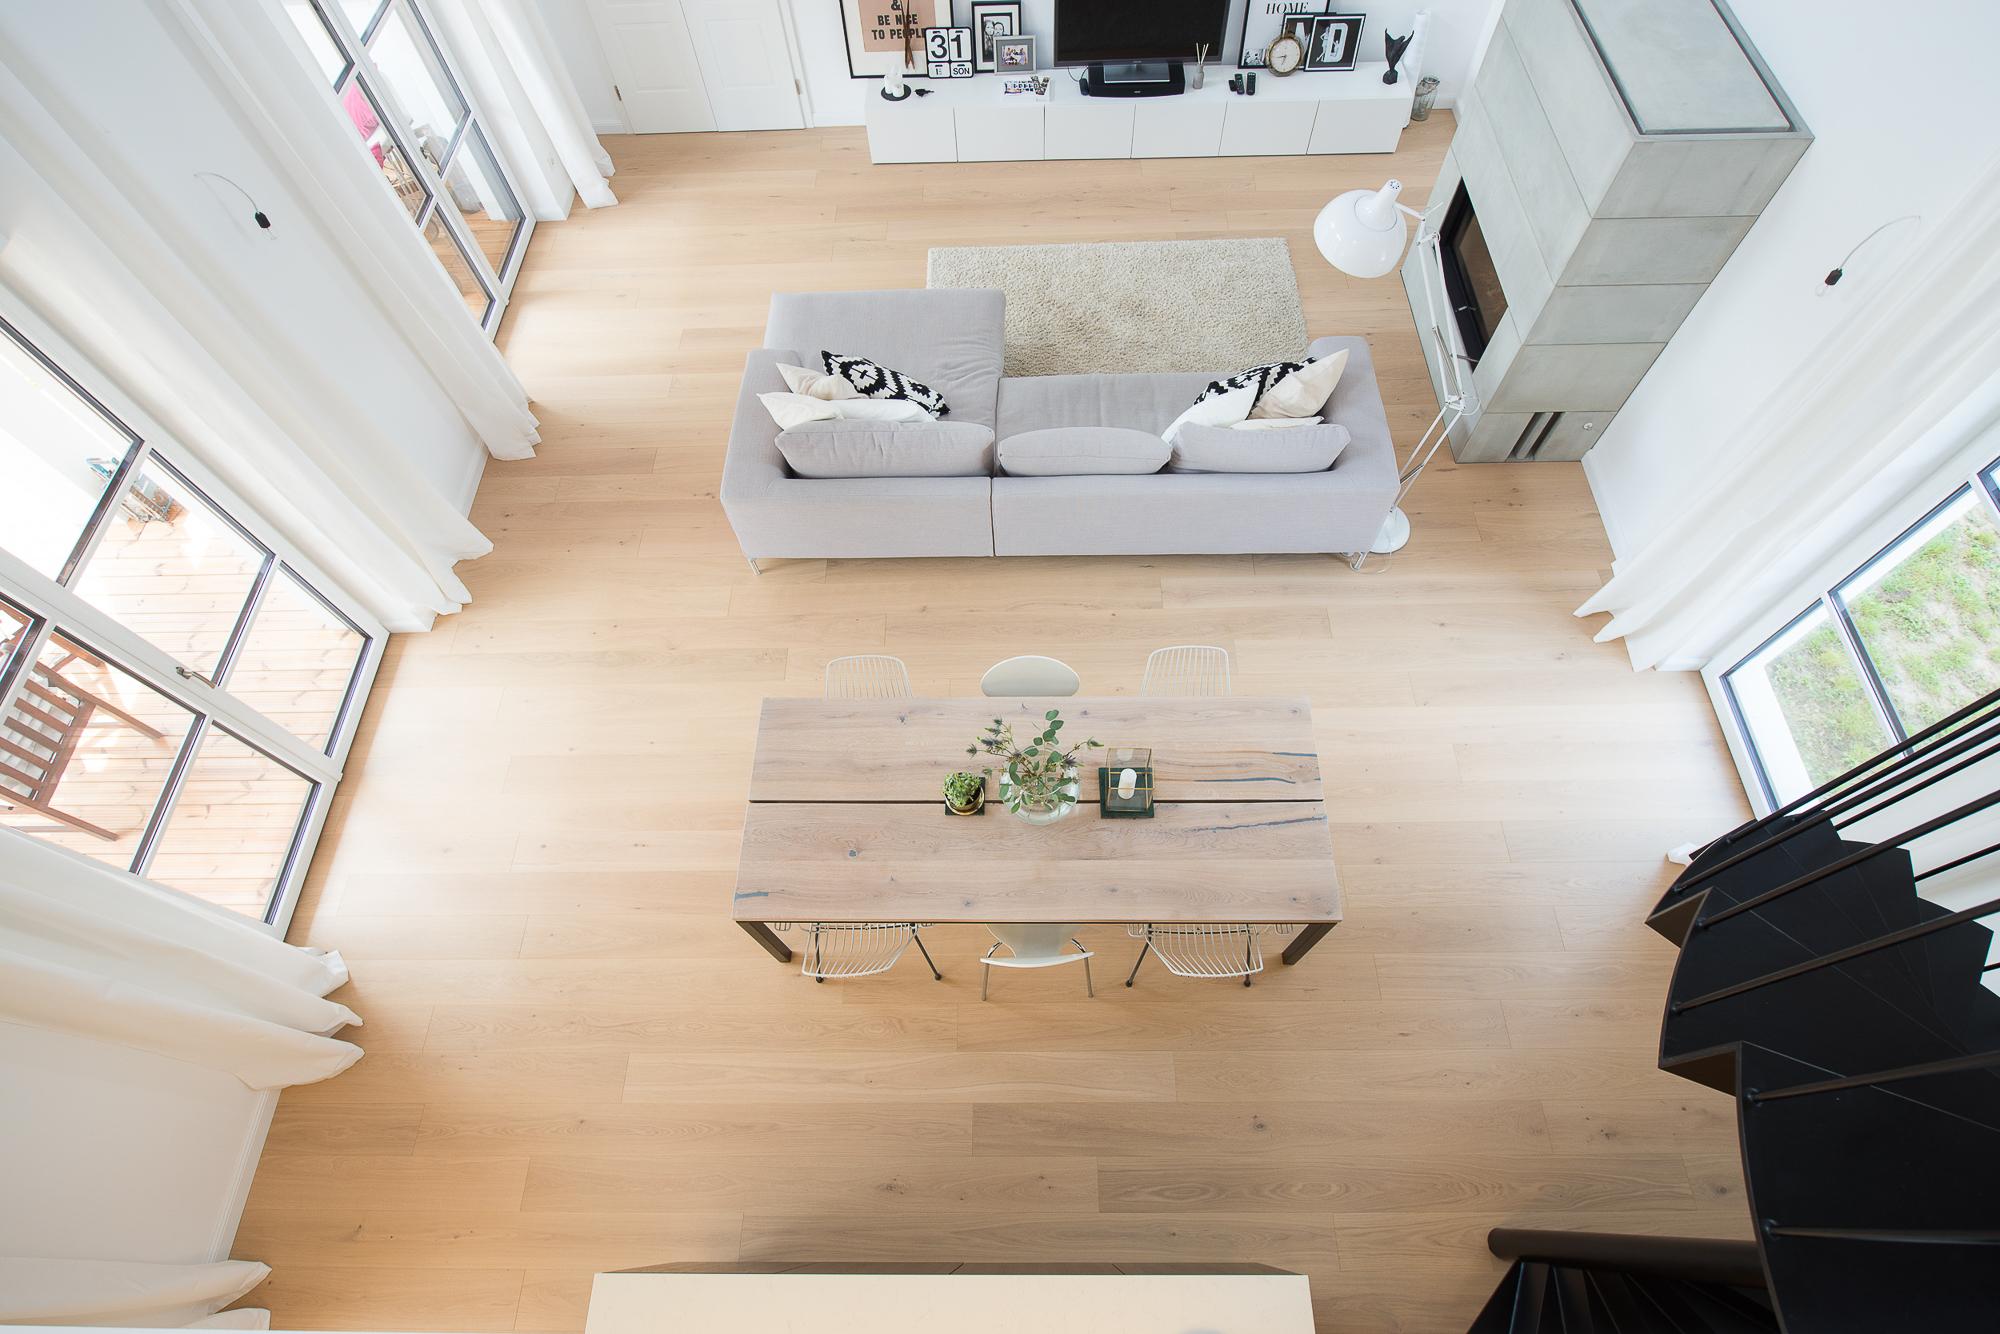 Wohnzimmer-Aufnahme mit Schwab-Tischlerei Möbel